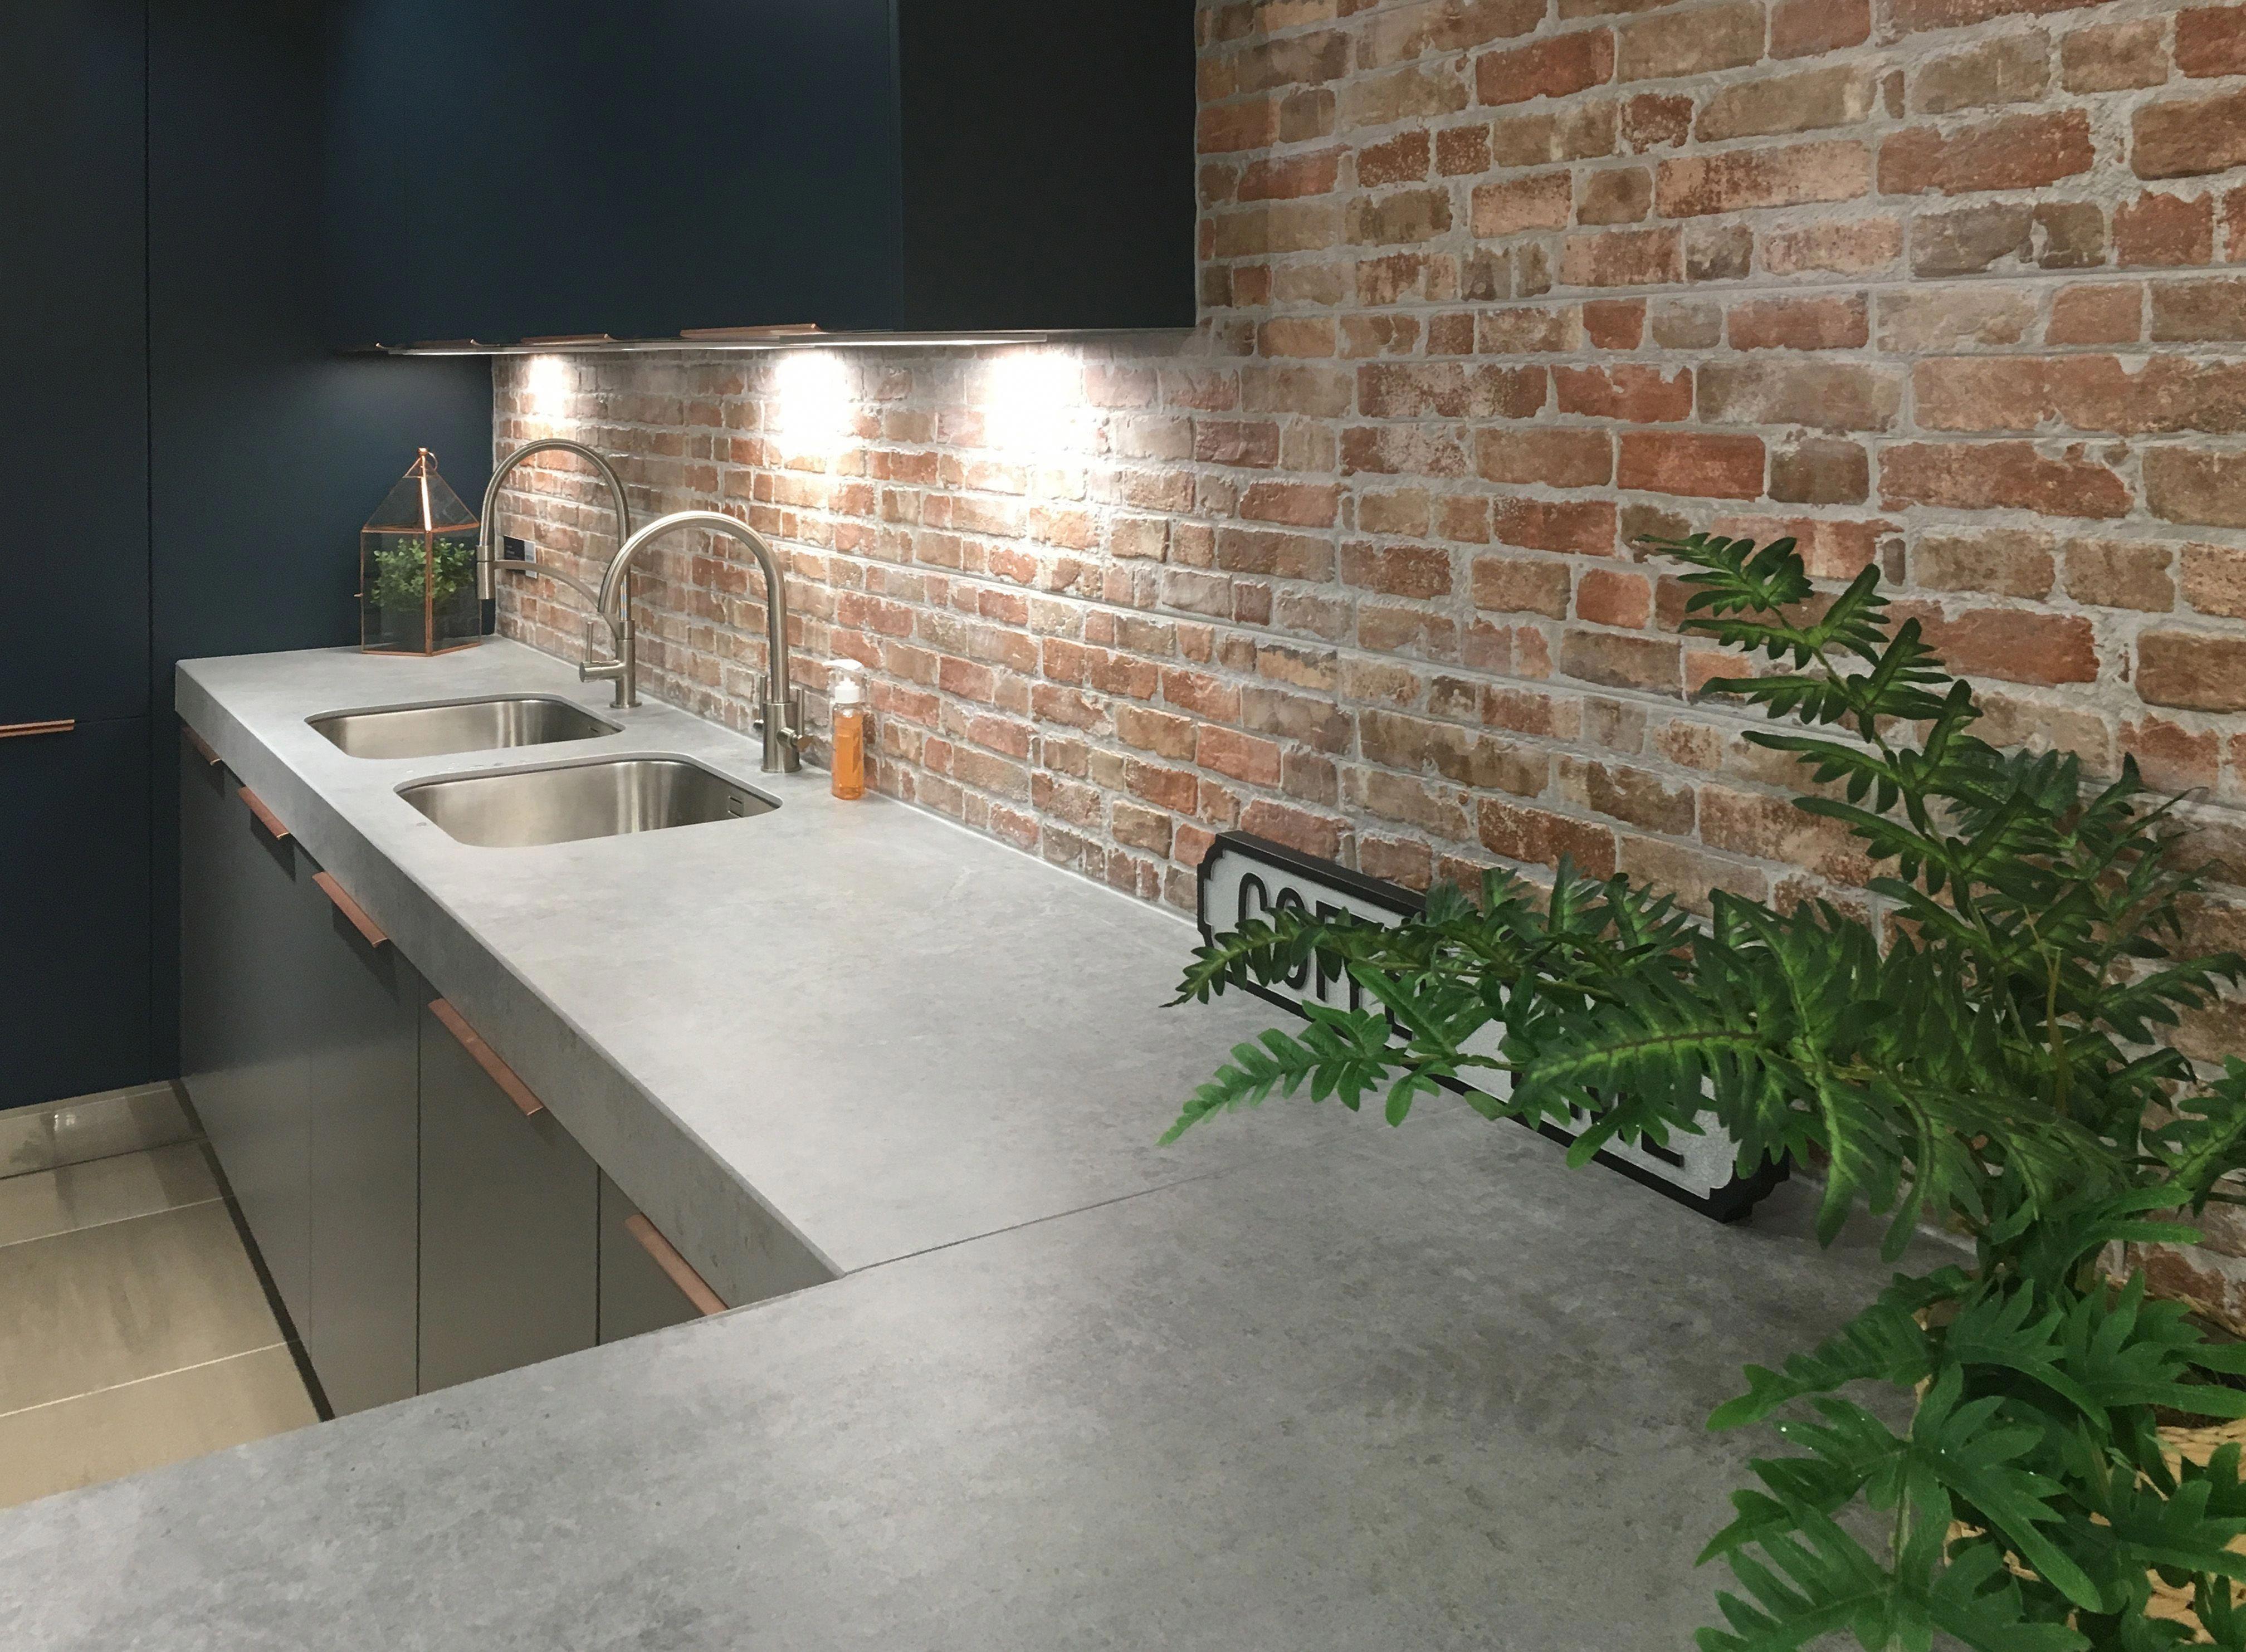 Dark Kitchen And Concrete Worktop With Exposed Brick Walls Kitchenremodelingideasblackappliances In 2020 Exposed Brick Kitchen Brick Kitchen Brick Wall Kitchen